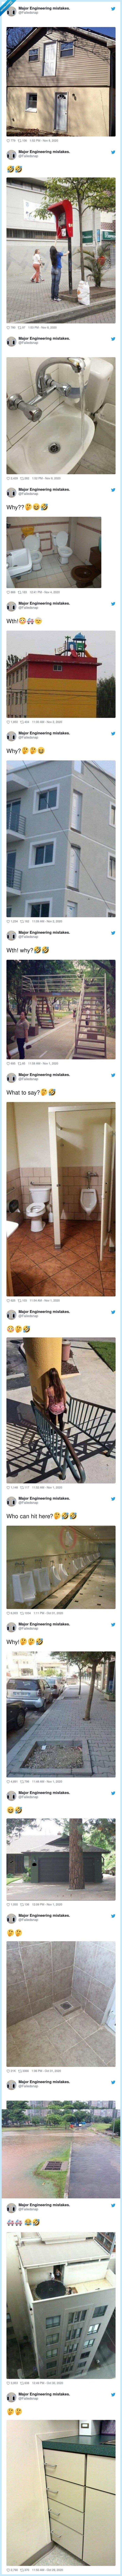 cuenta,fails,ingeniería,twitter